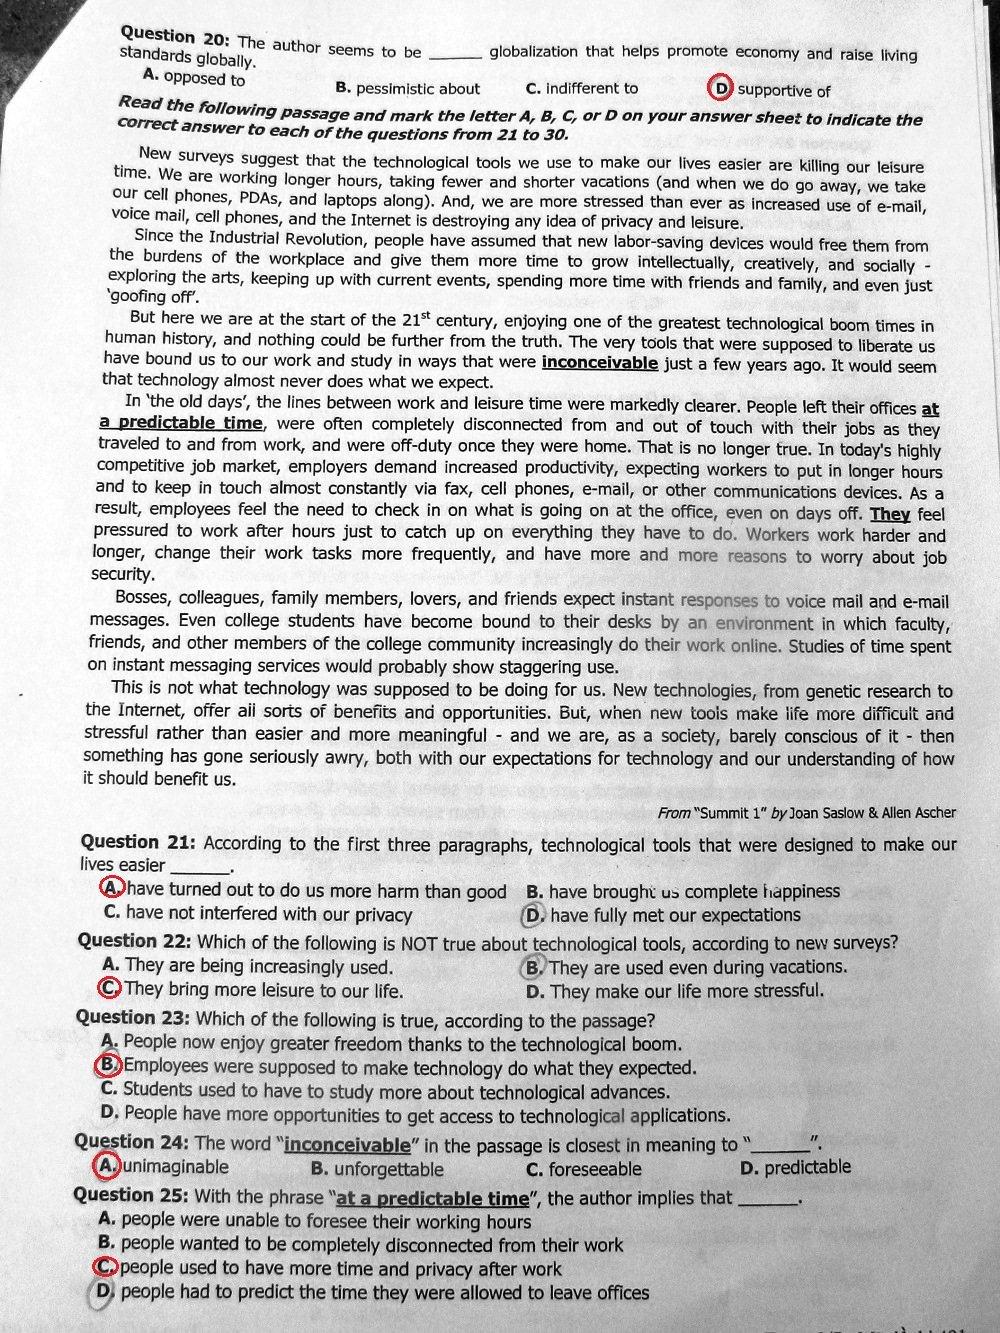 Hình ảnh Đáp án đề thi đại học môn Tiếng Anh khối D năm 2013 - Đáp án chính thức của Bộ GD & ĐT số 5